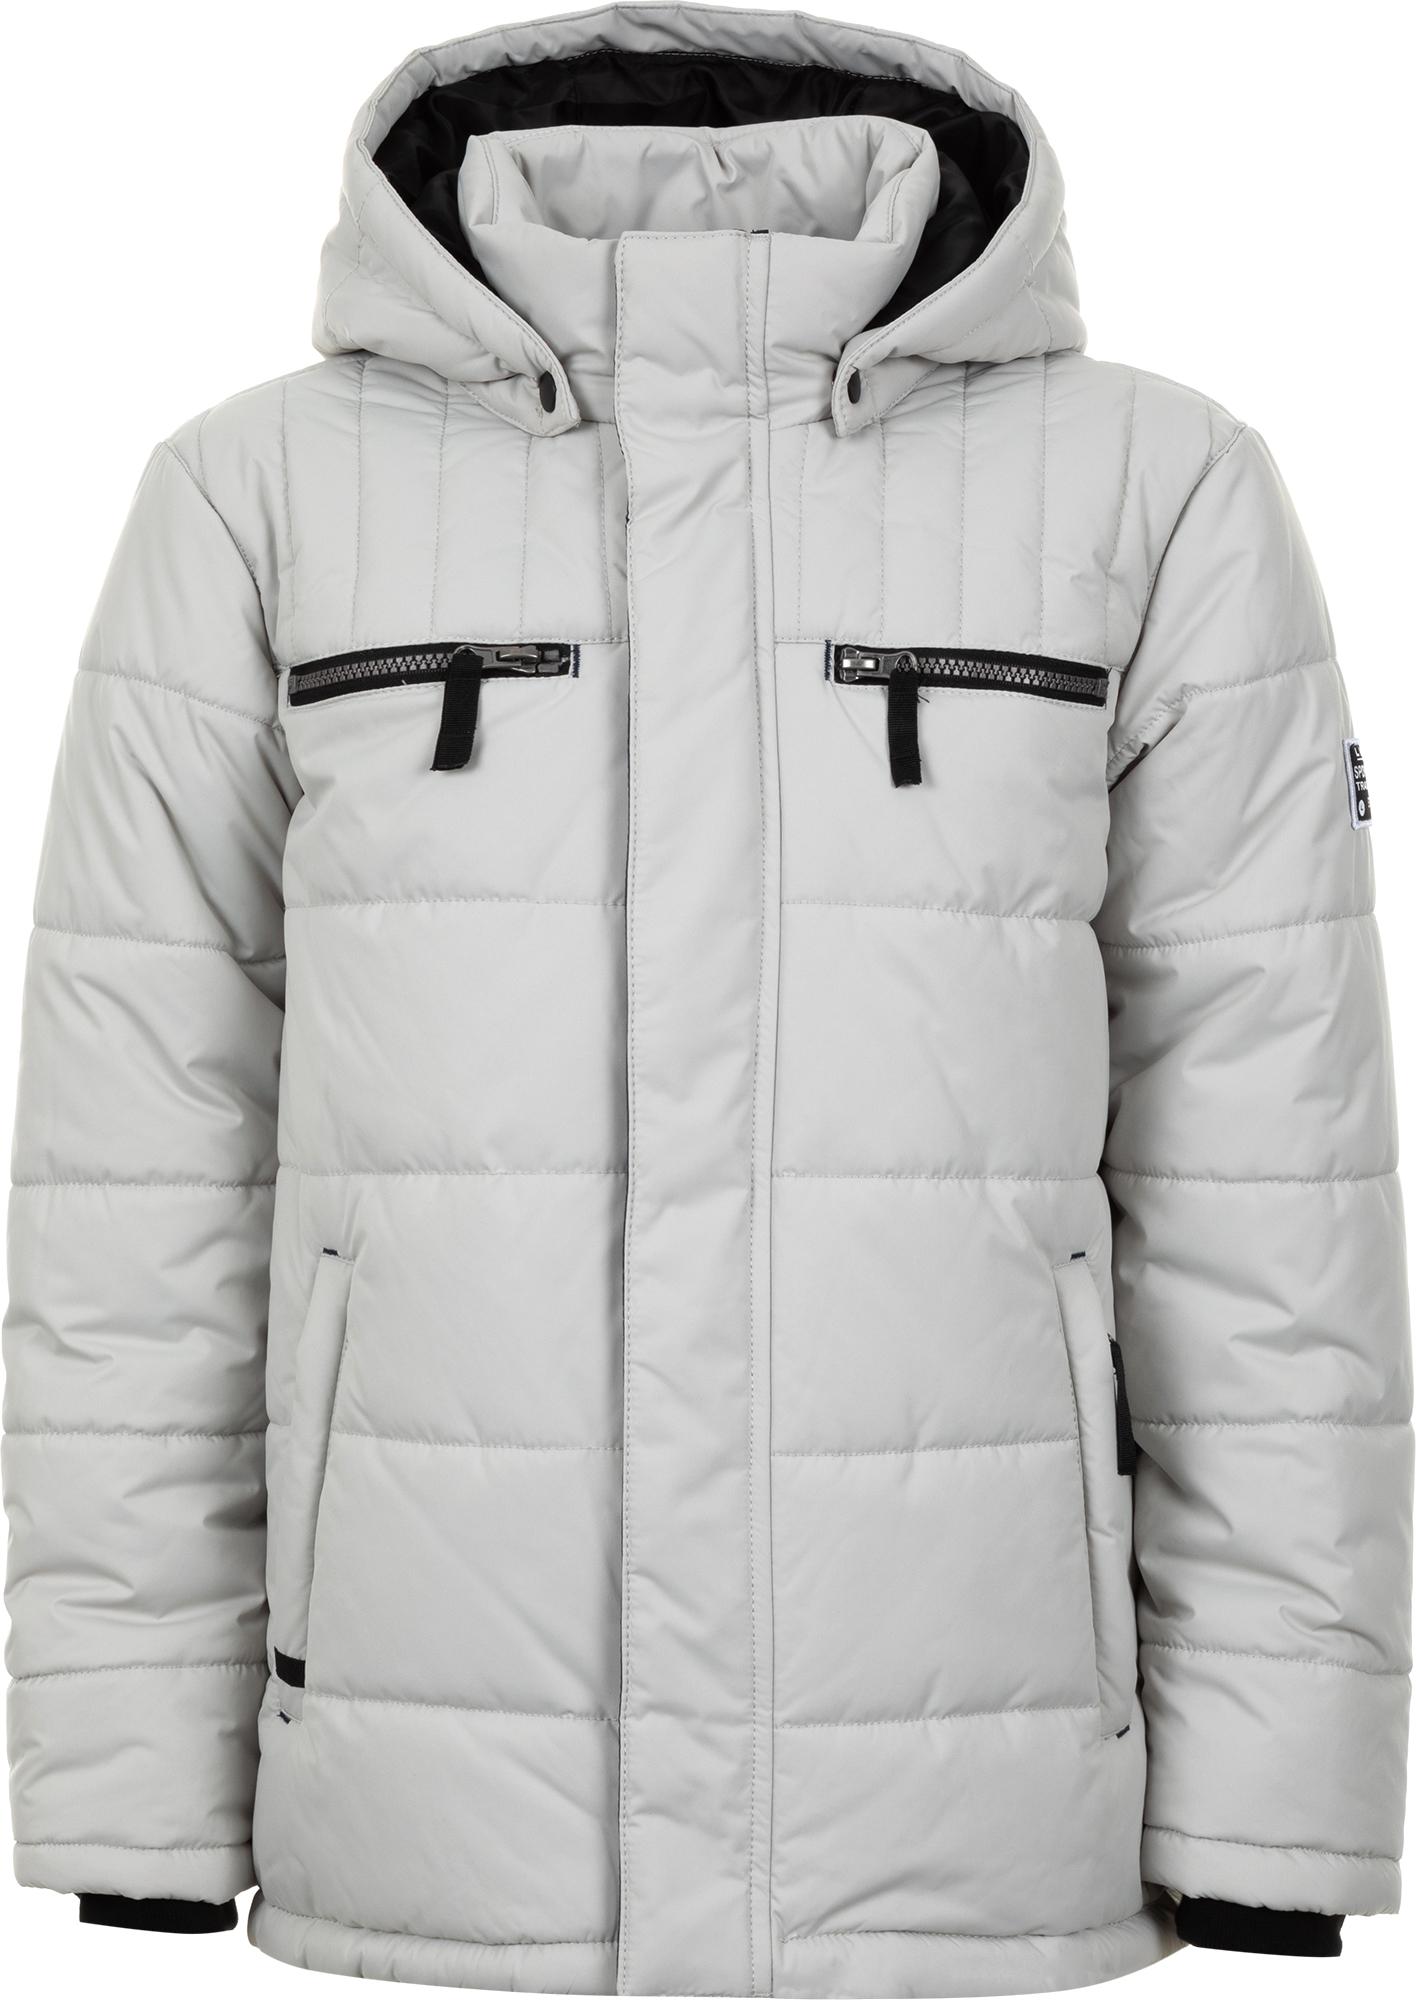 Luhta Куртка утепленная для мальчиков Luhta Kaarne, размер 158